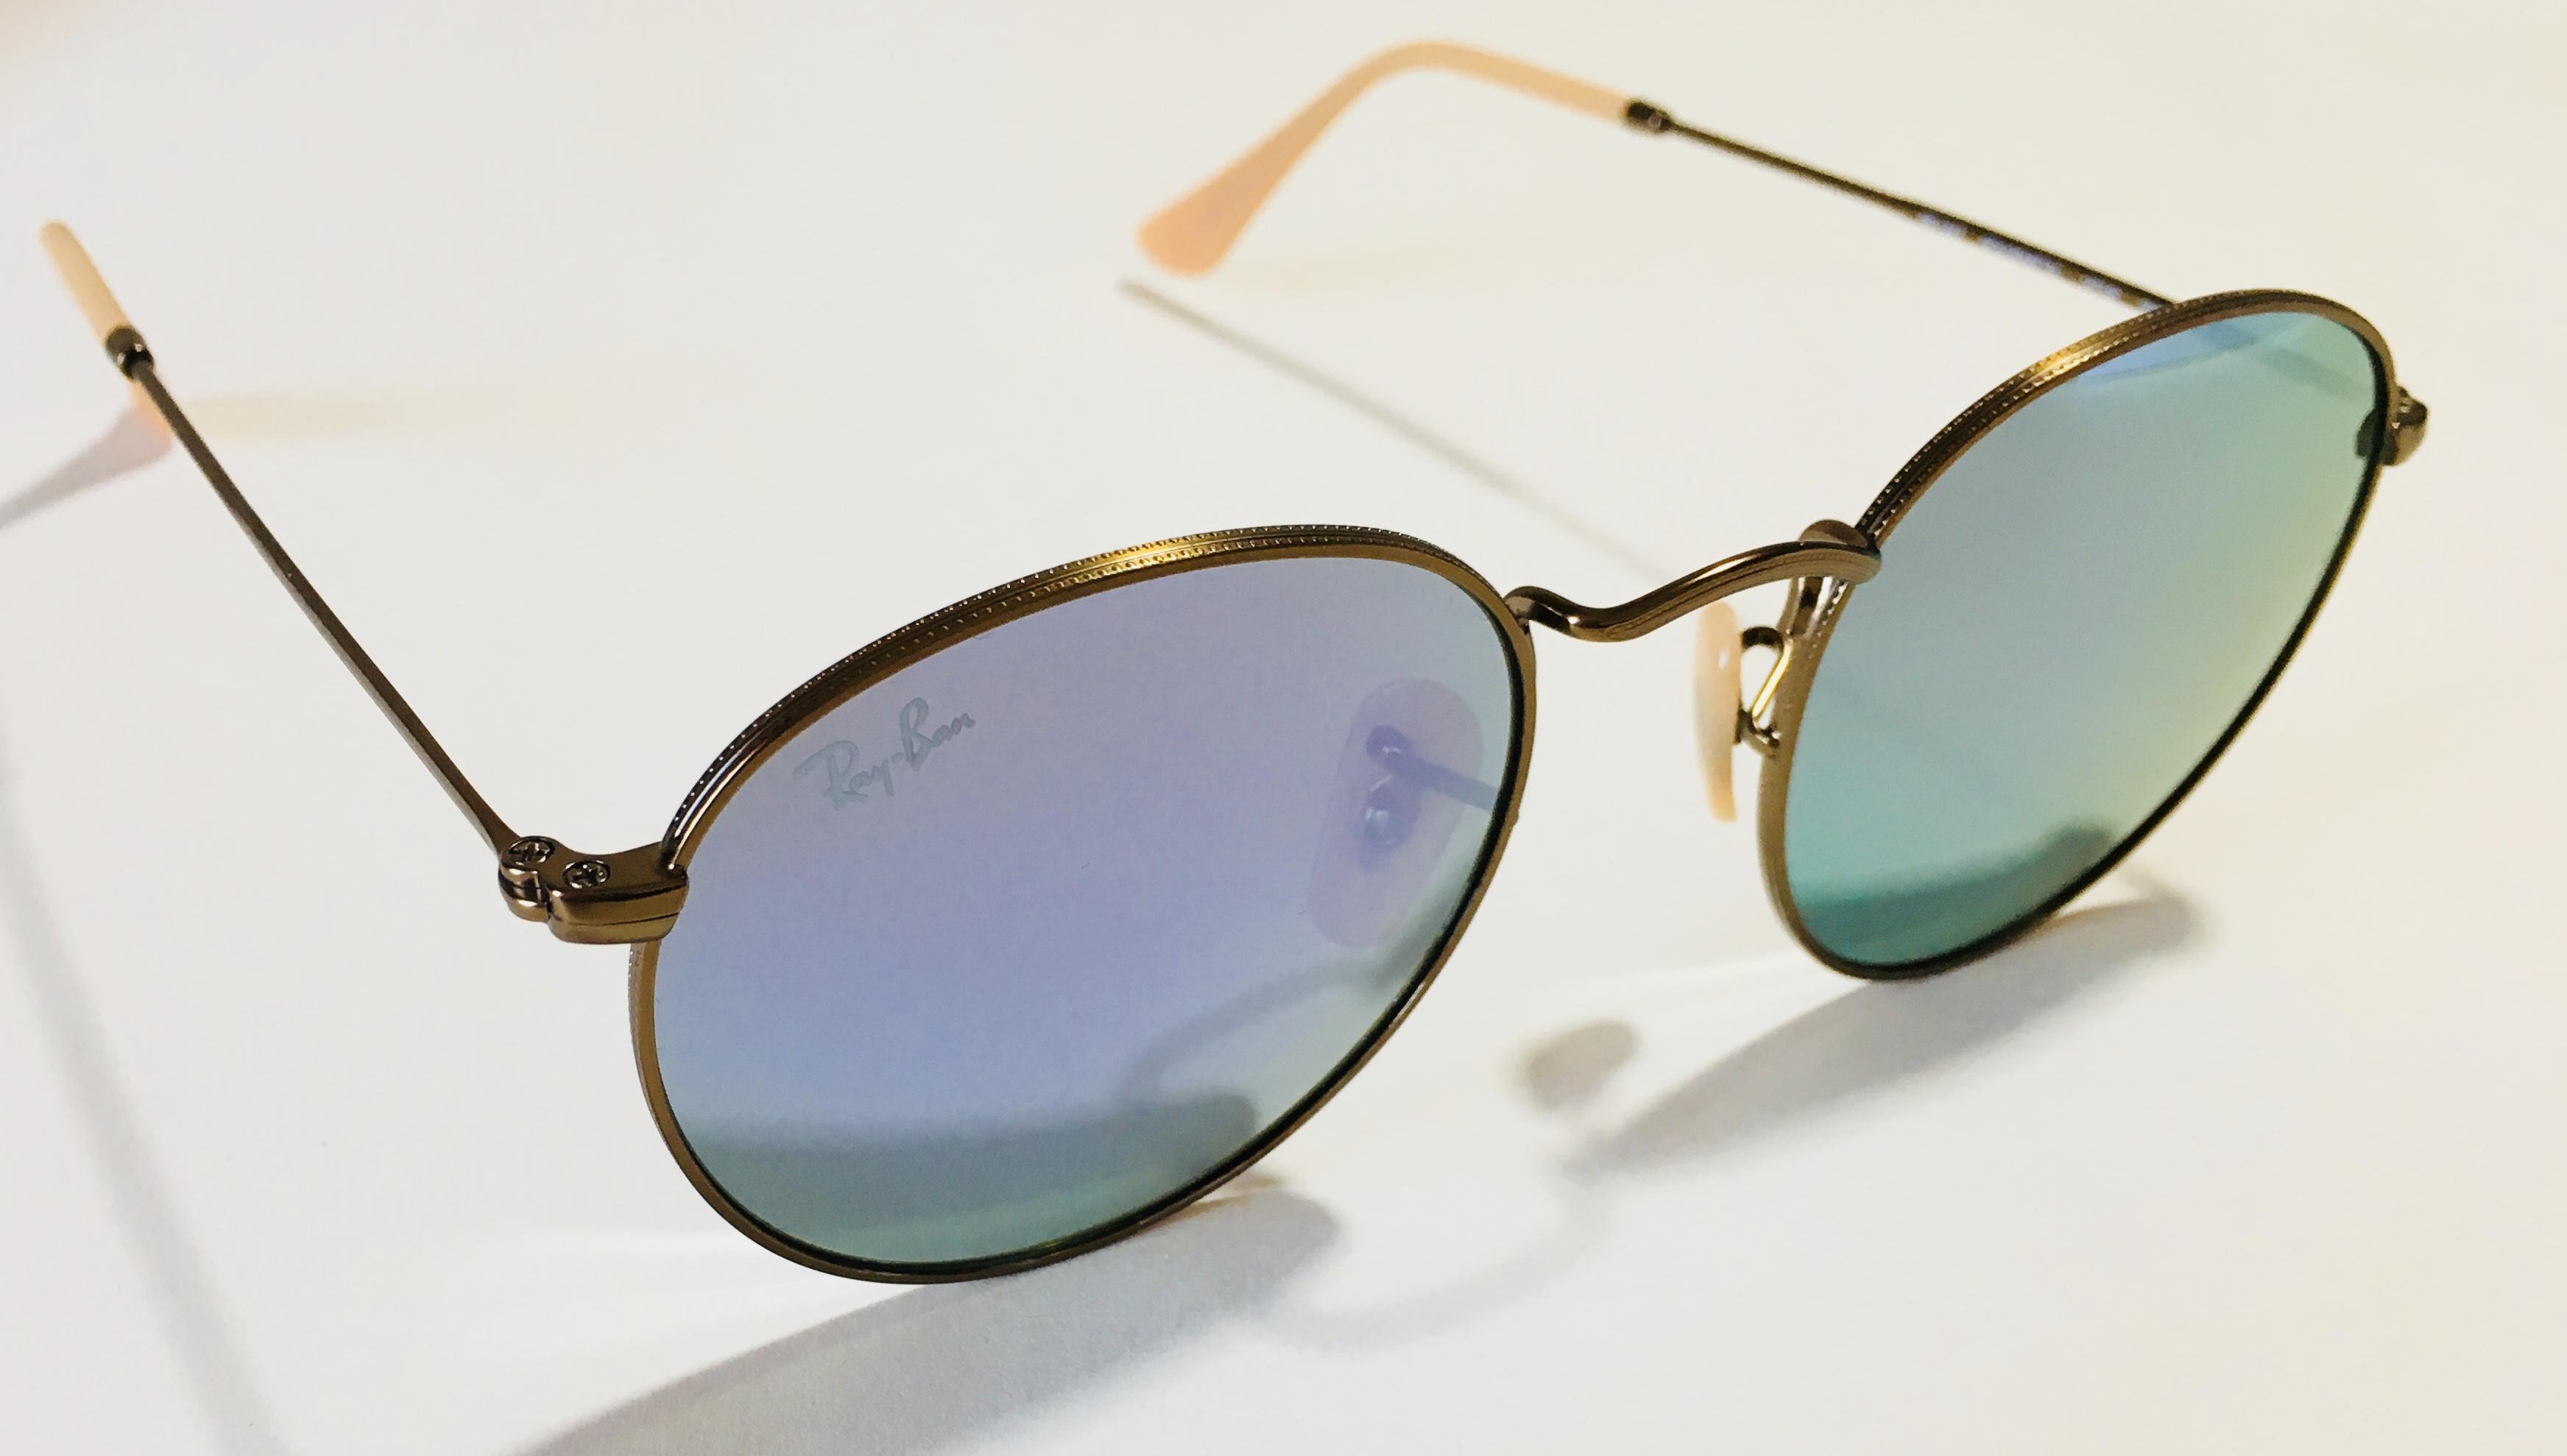 Предлагаем купить оригинальные очки Рэй Бэн недорого!